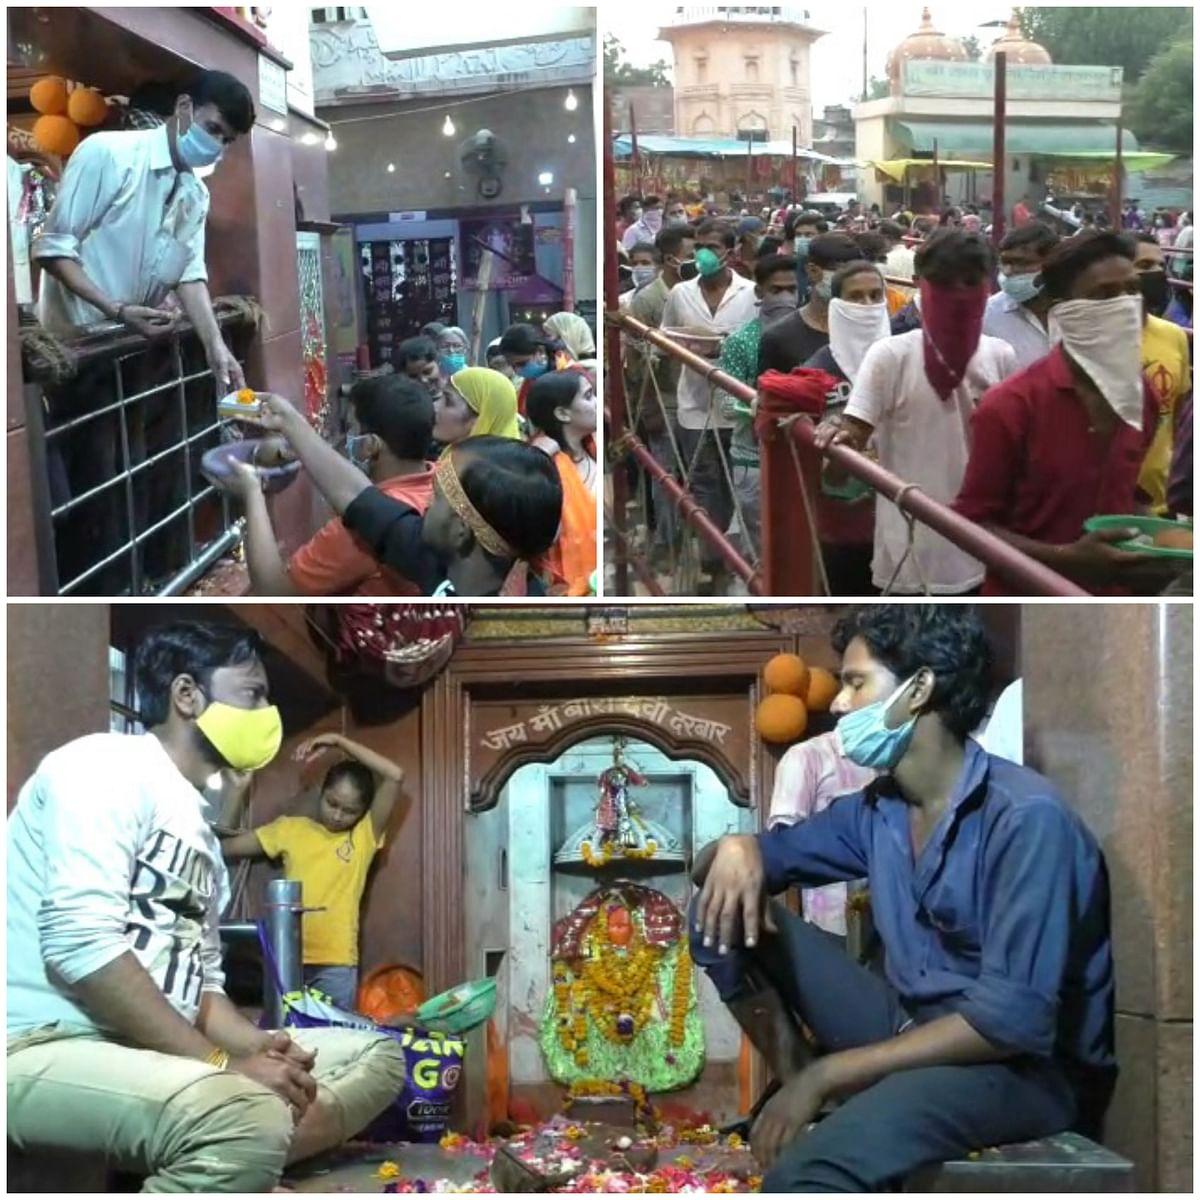 नवरात्र के पहले दिन उमड़ा देवी मंदिरों में आस्था का सैलाब, गूंजे माता के जयकारे